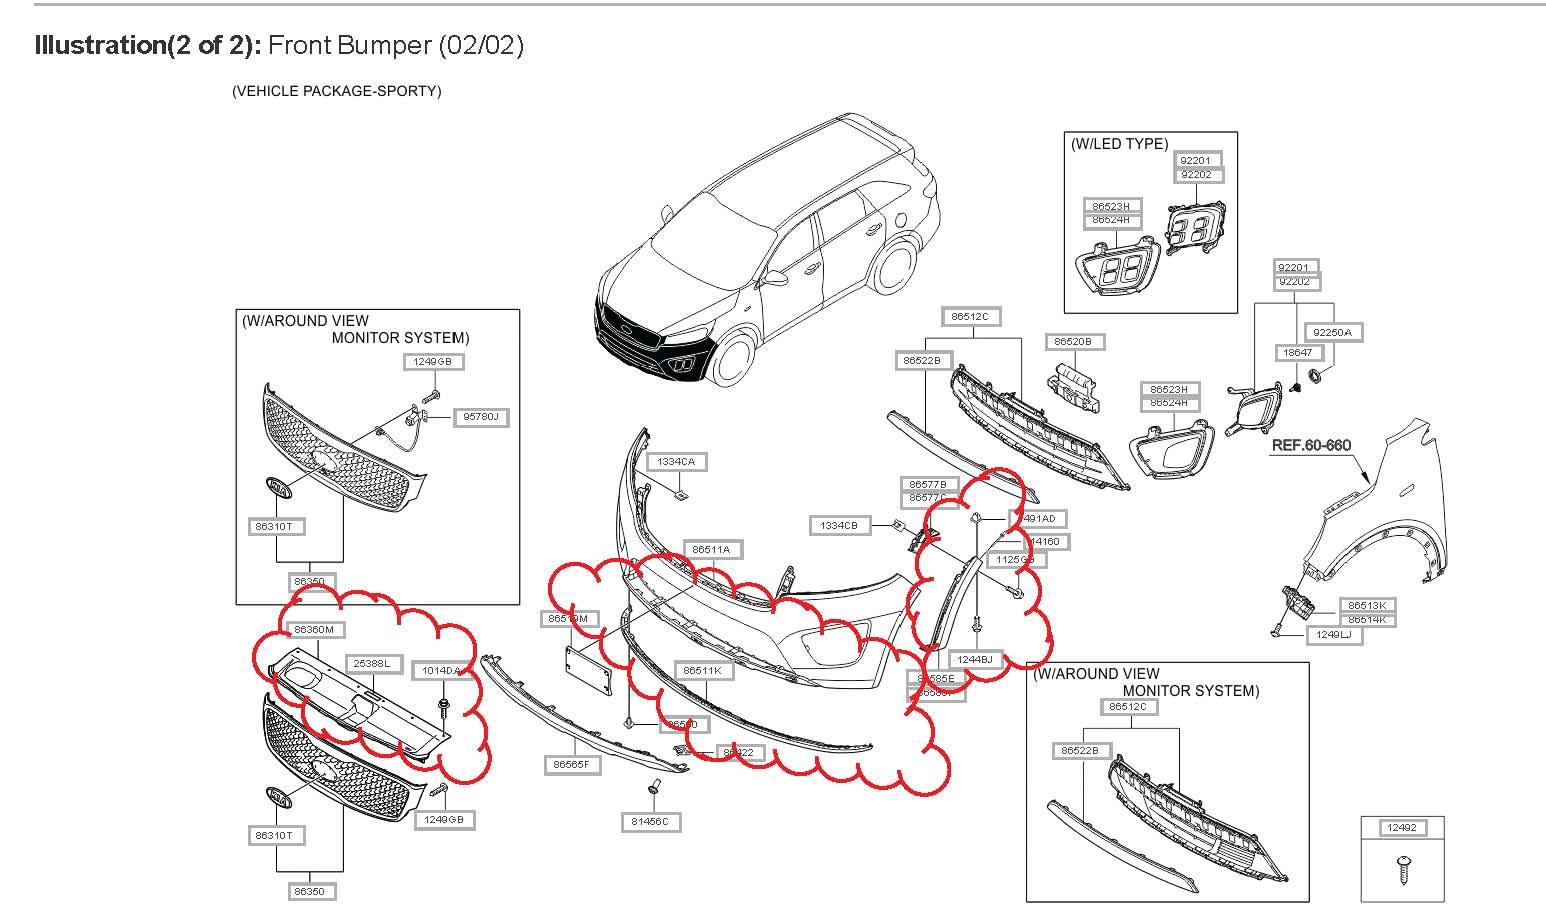 aftermarket fog light options  - page 4